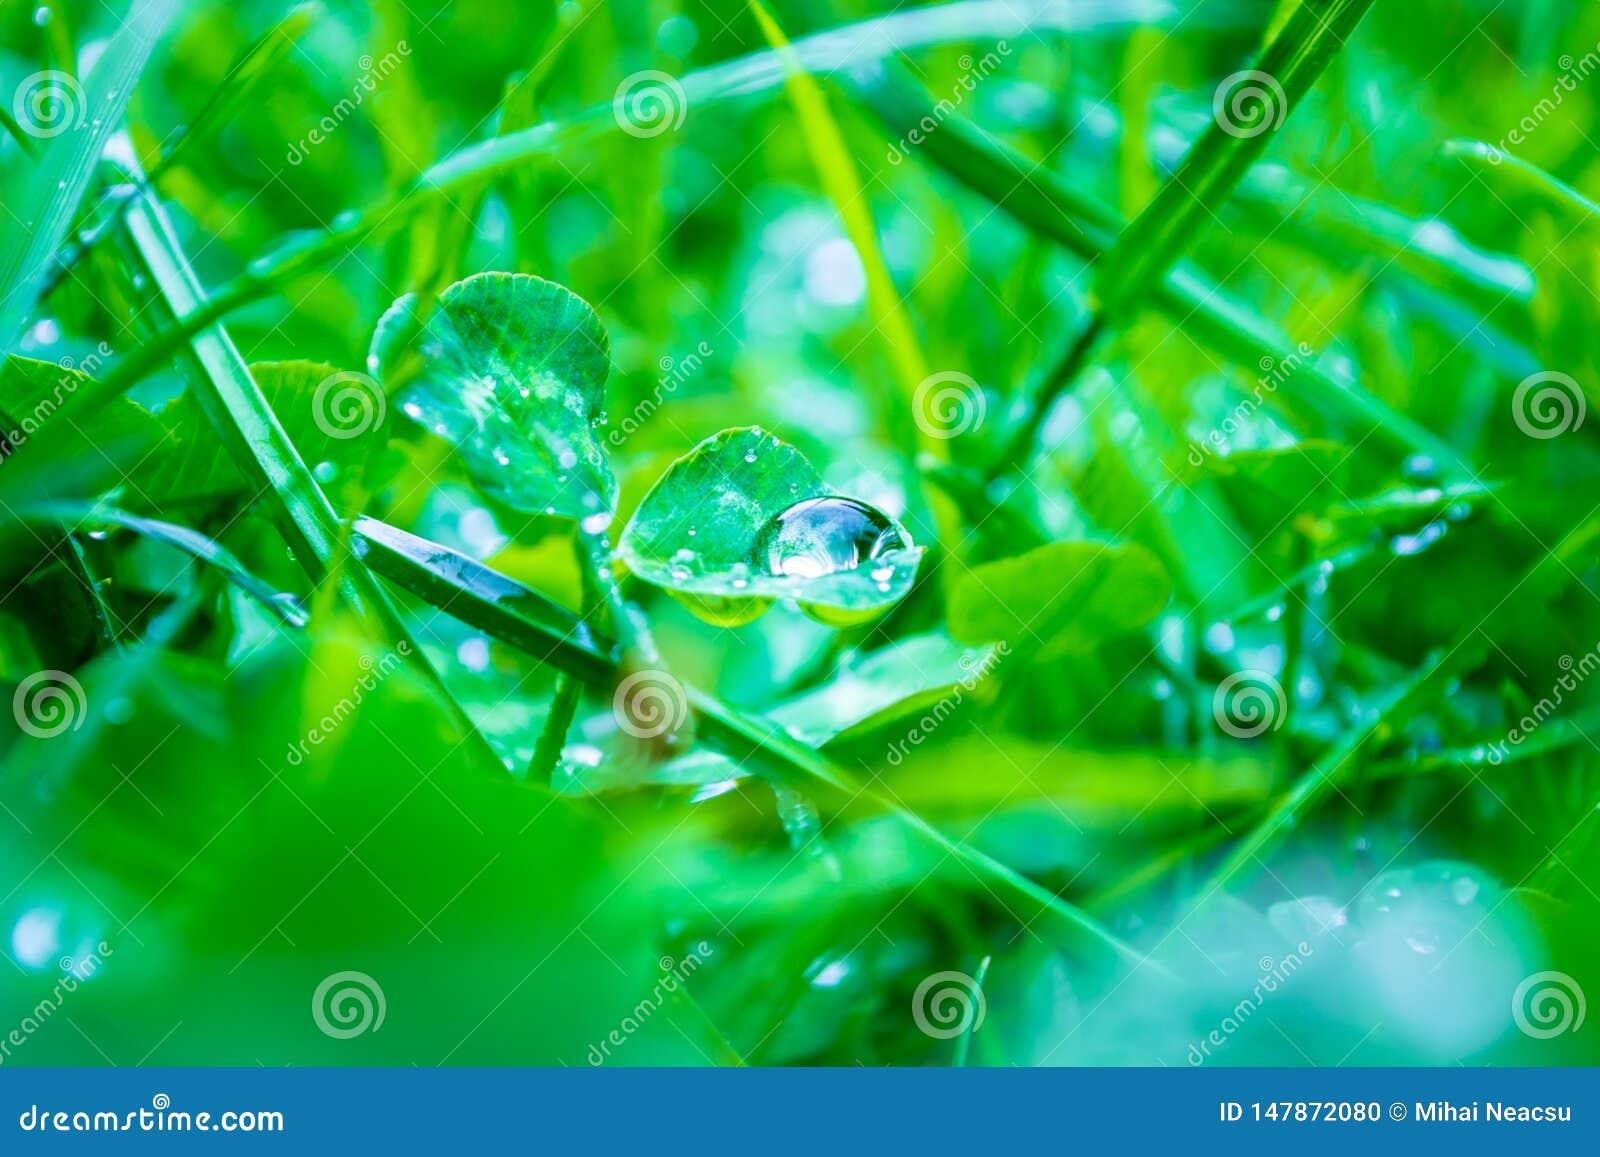 Großartiger Abschluss oben eines Regentautropfens auf einem Kleeblatt mit dem Licht, das des es, zentrierten, unscharfen grünen G